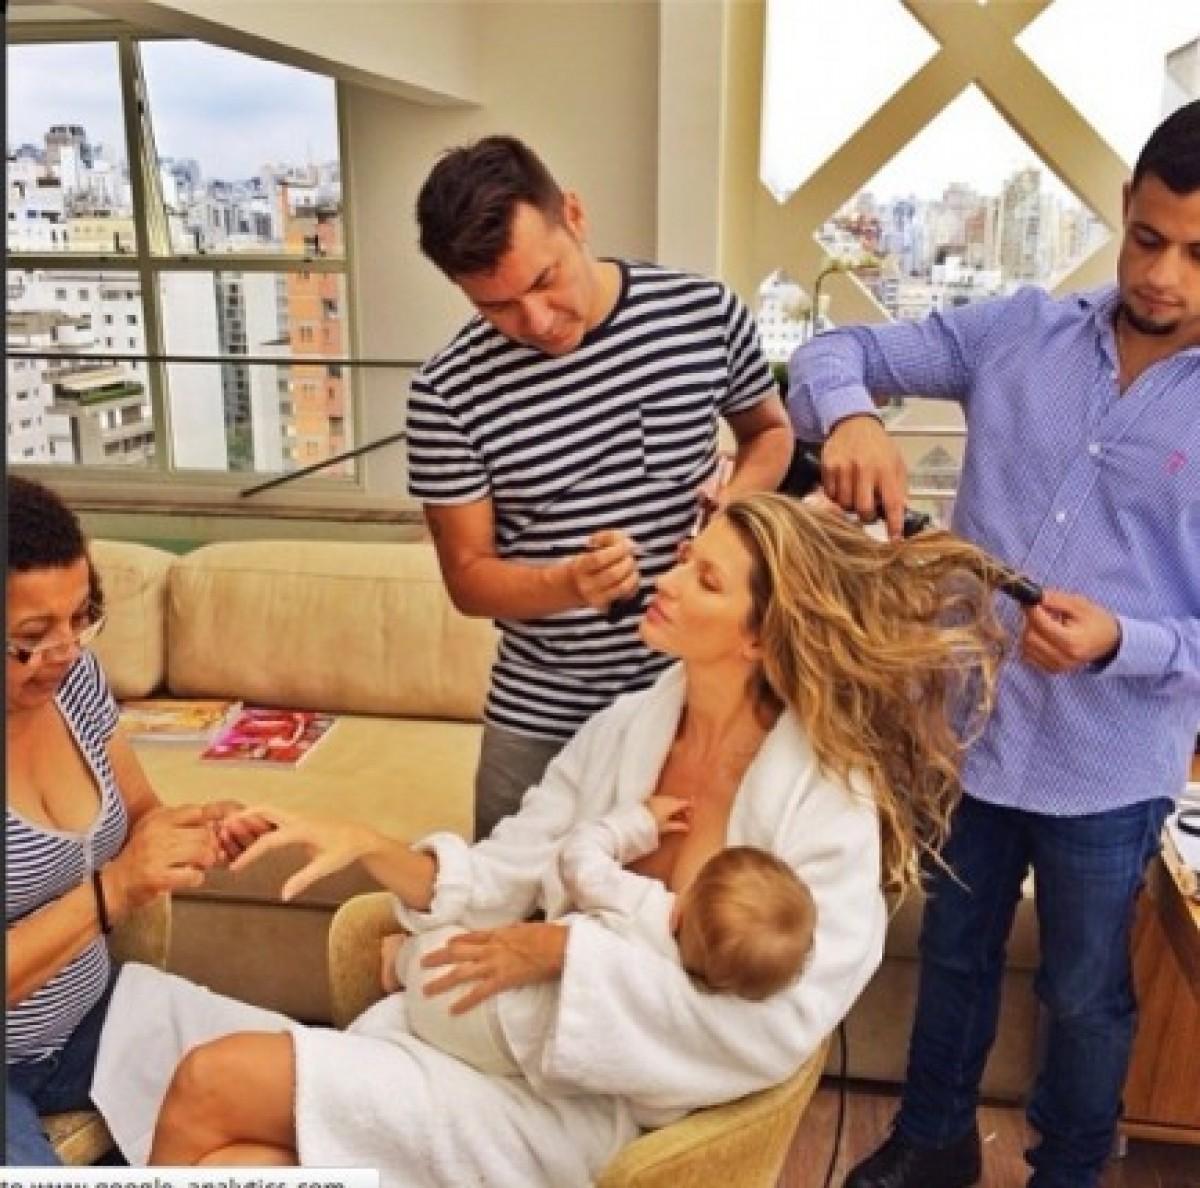 Διάσημες μαμάδες δείχνουν στη Gisele την αληθινή πλευρά της μητρότητας